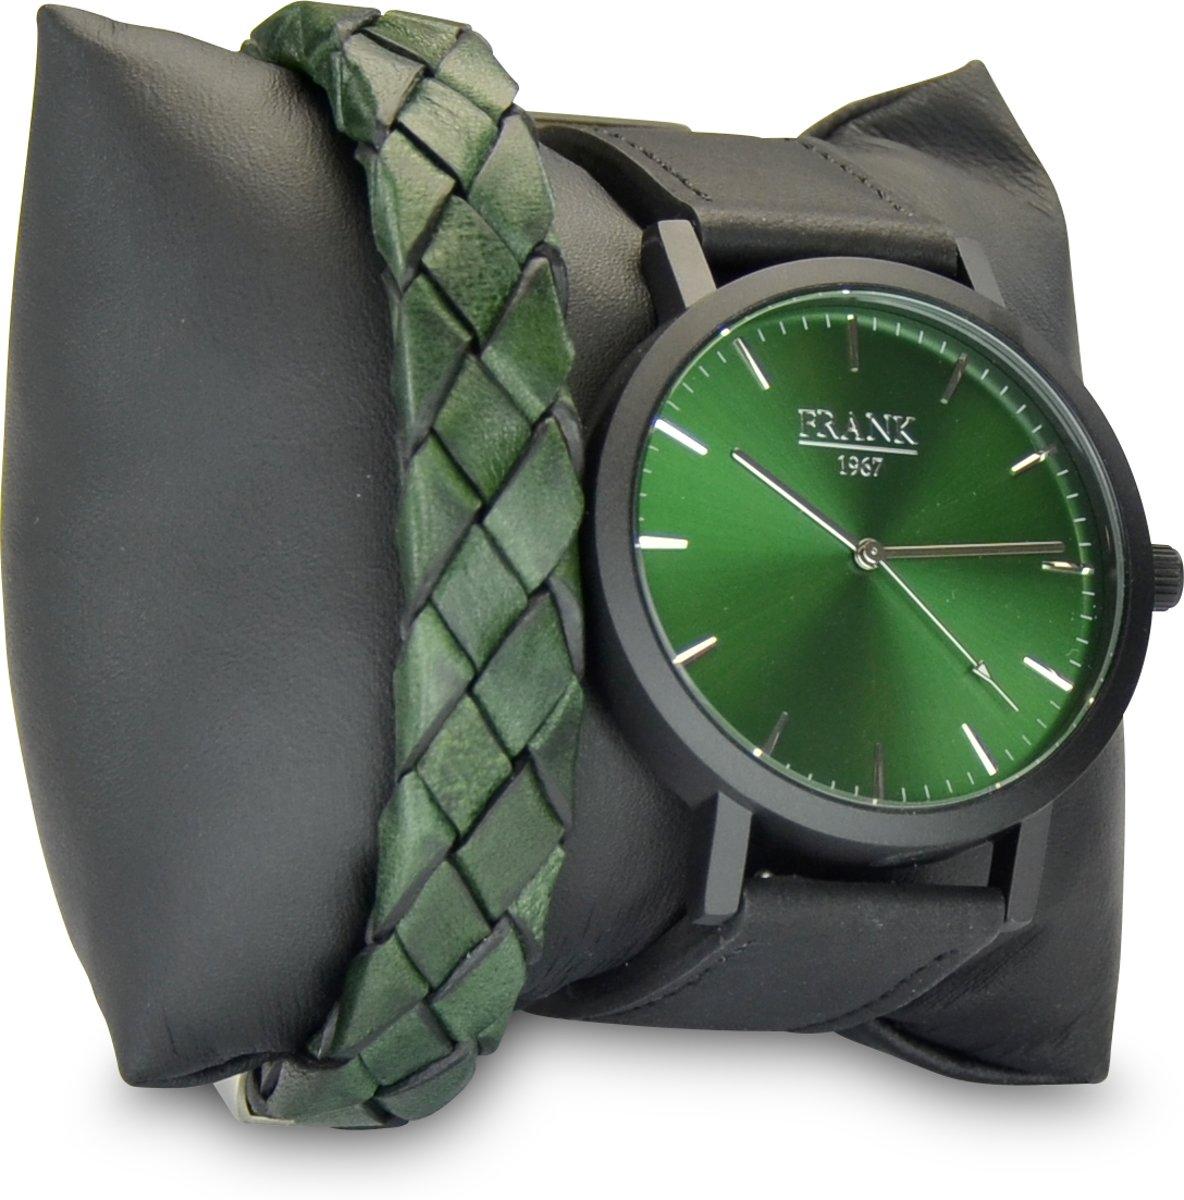 Frank 1967 7FR SET023 Horloge Set met Armband - Leren Band - Ø 42 mm - Groen / Zwart / Zilverkleurig kopen